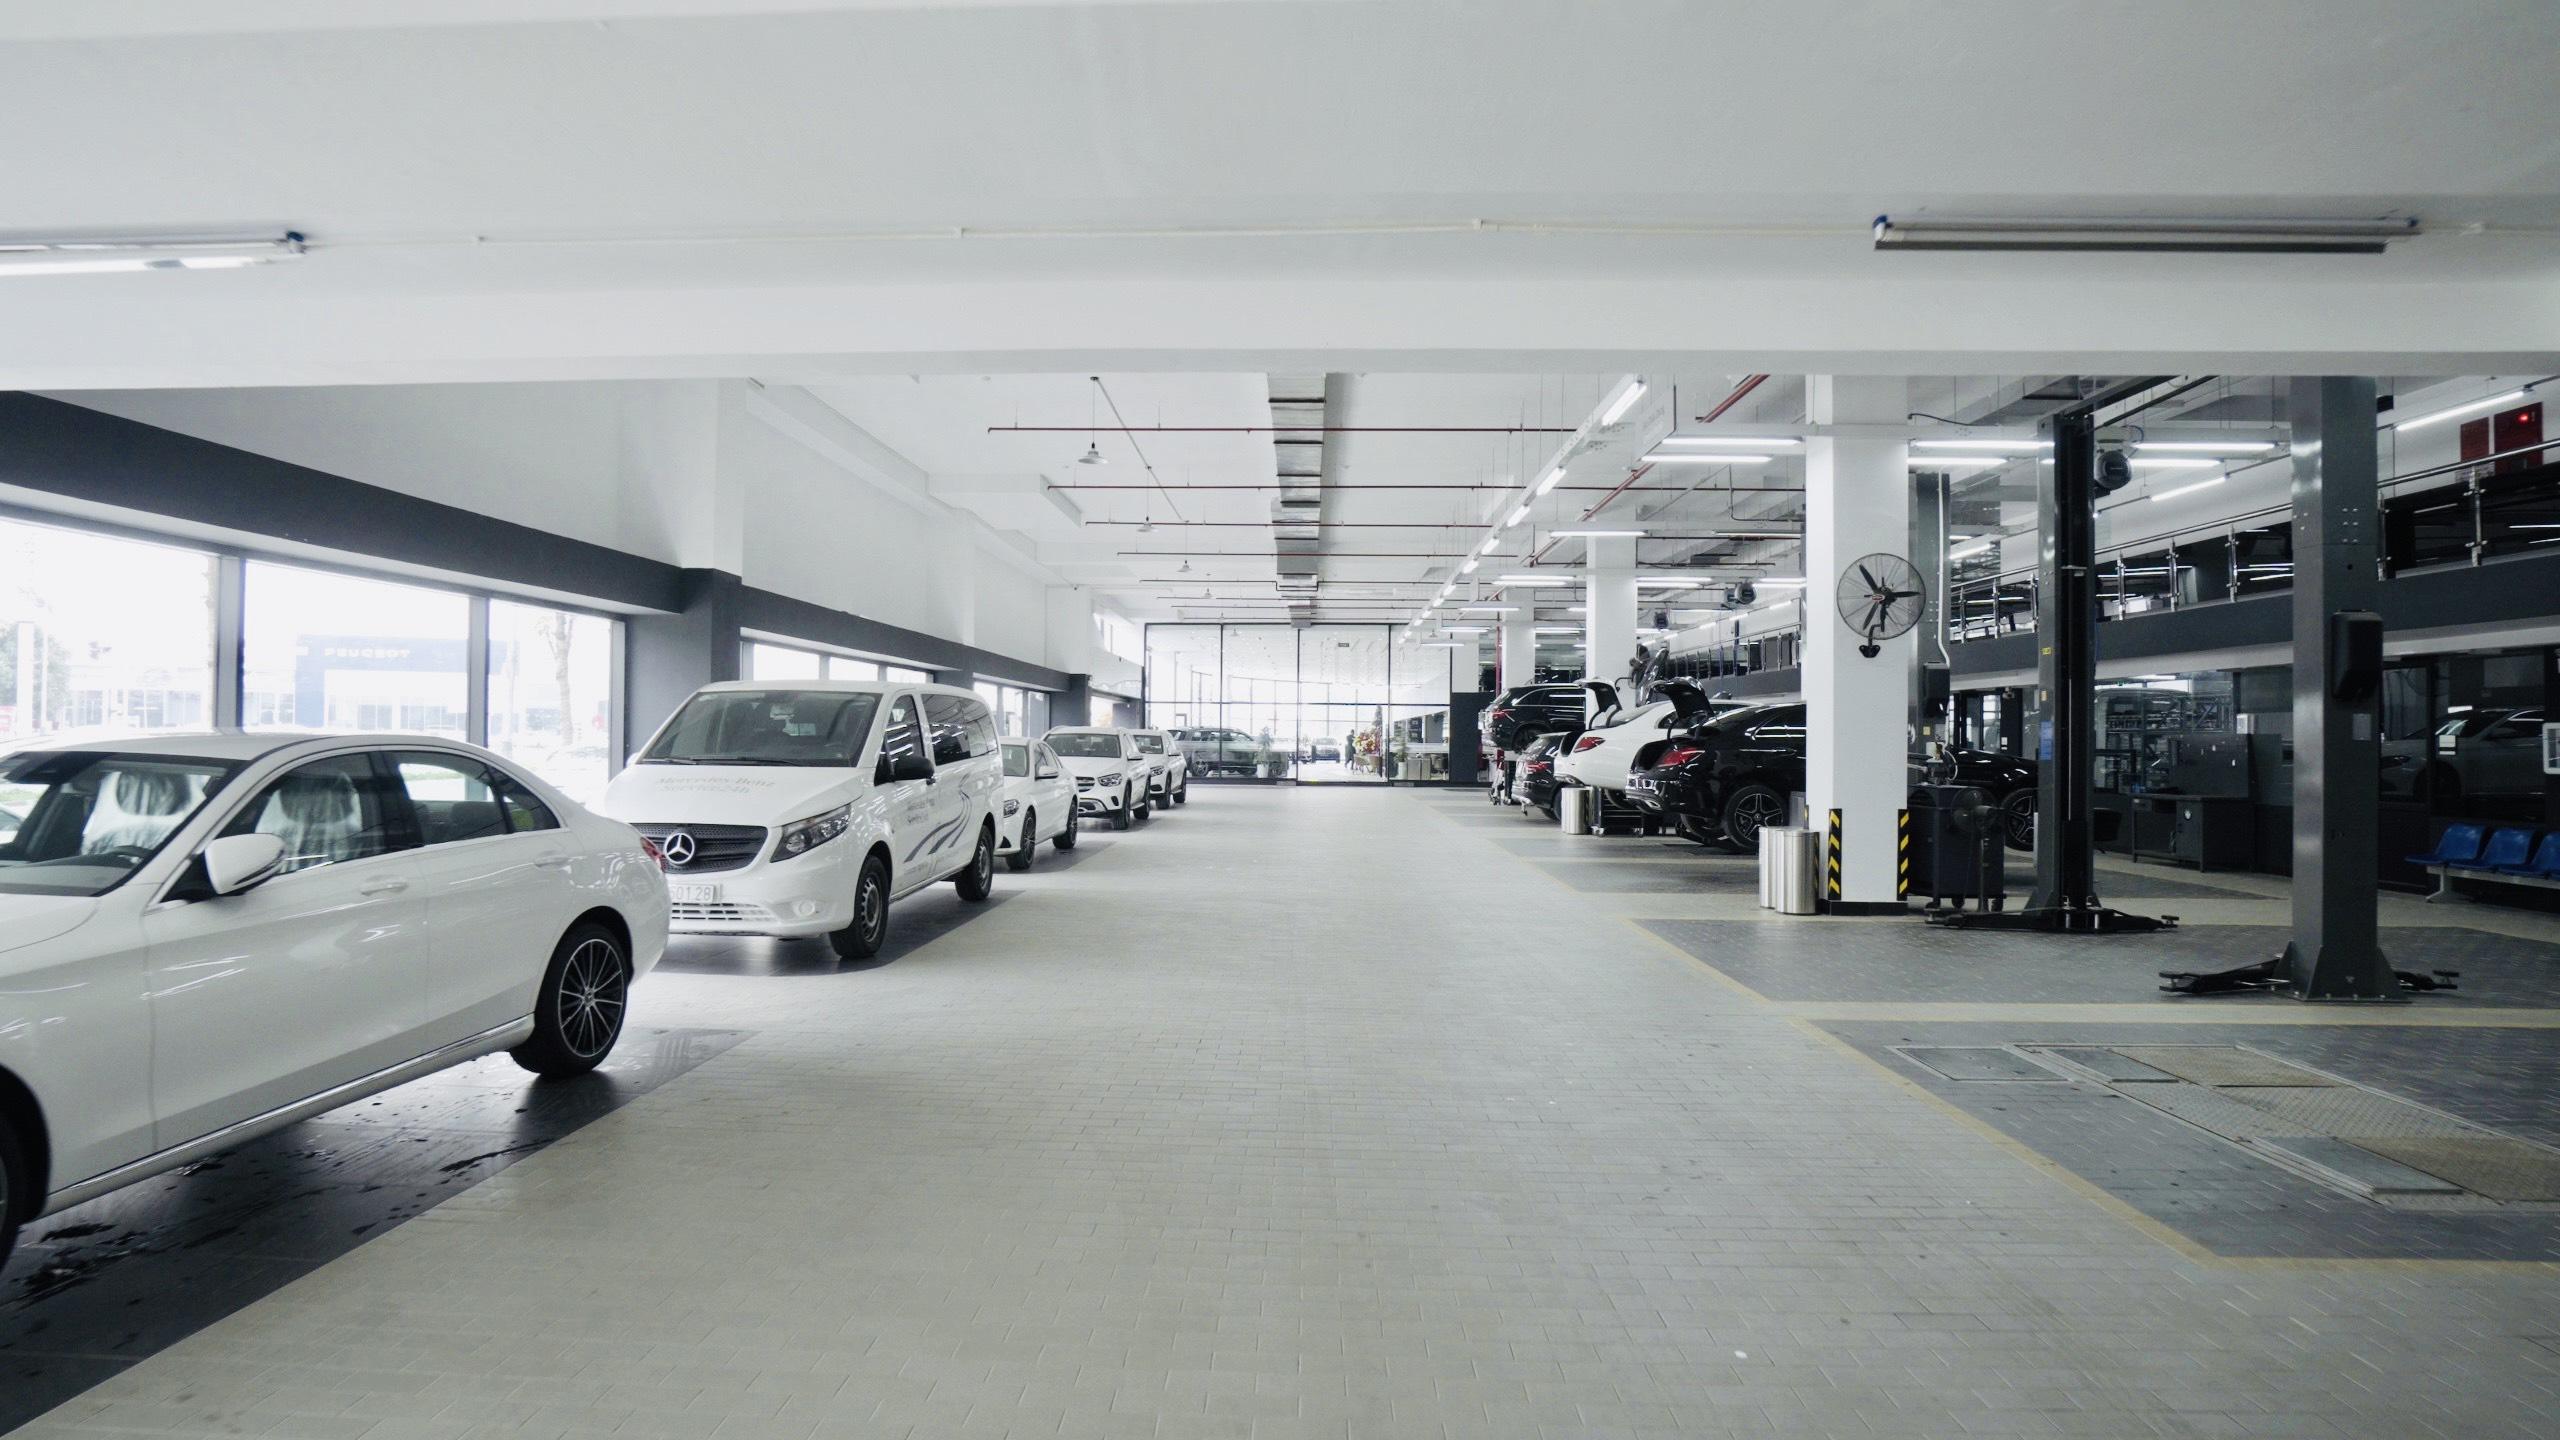 Mercedes-Benz mở rộng thị trường tại khu vực Bắc Trung Bộ mercedes-nghe-an-01.jpeg